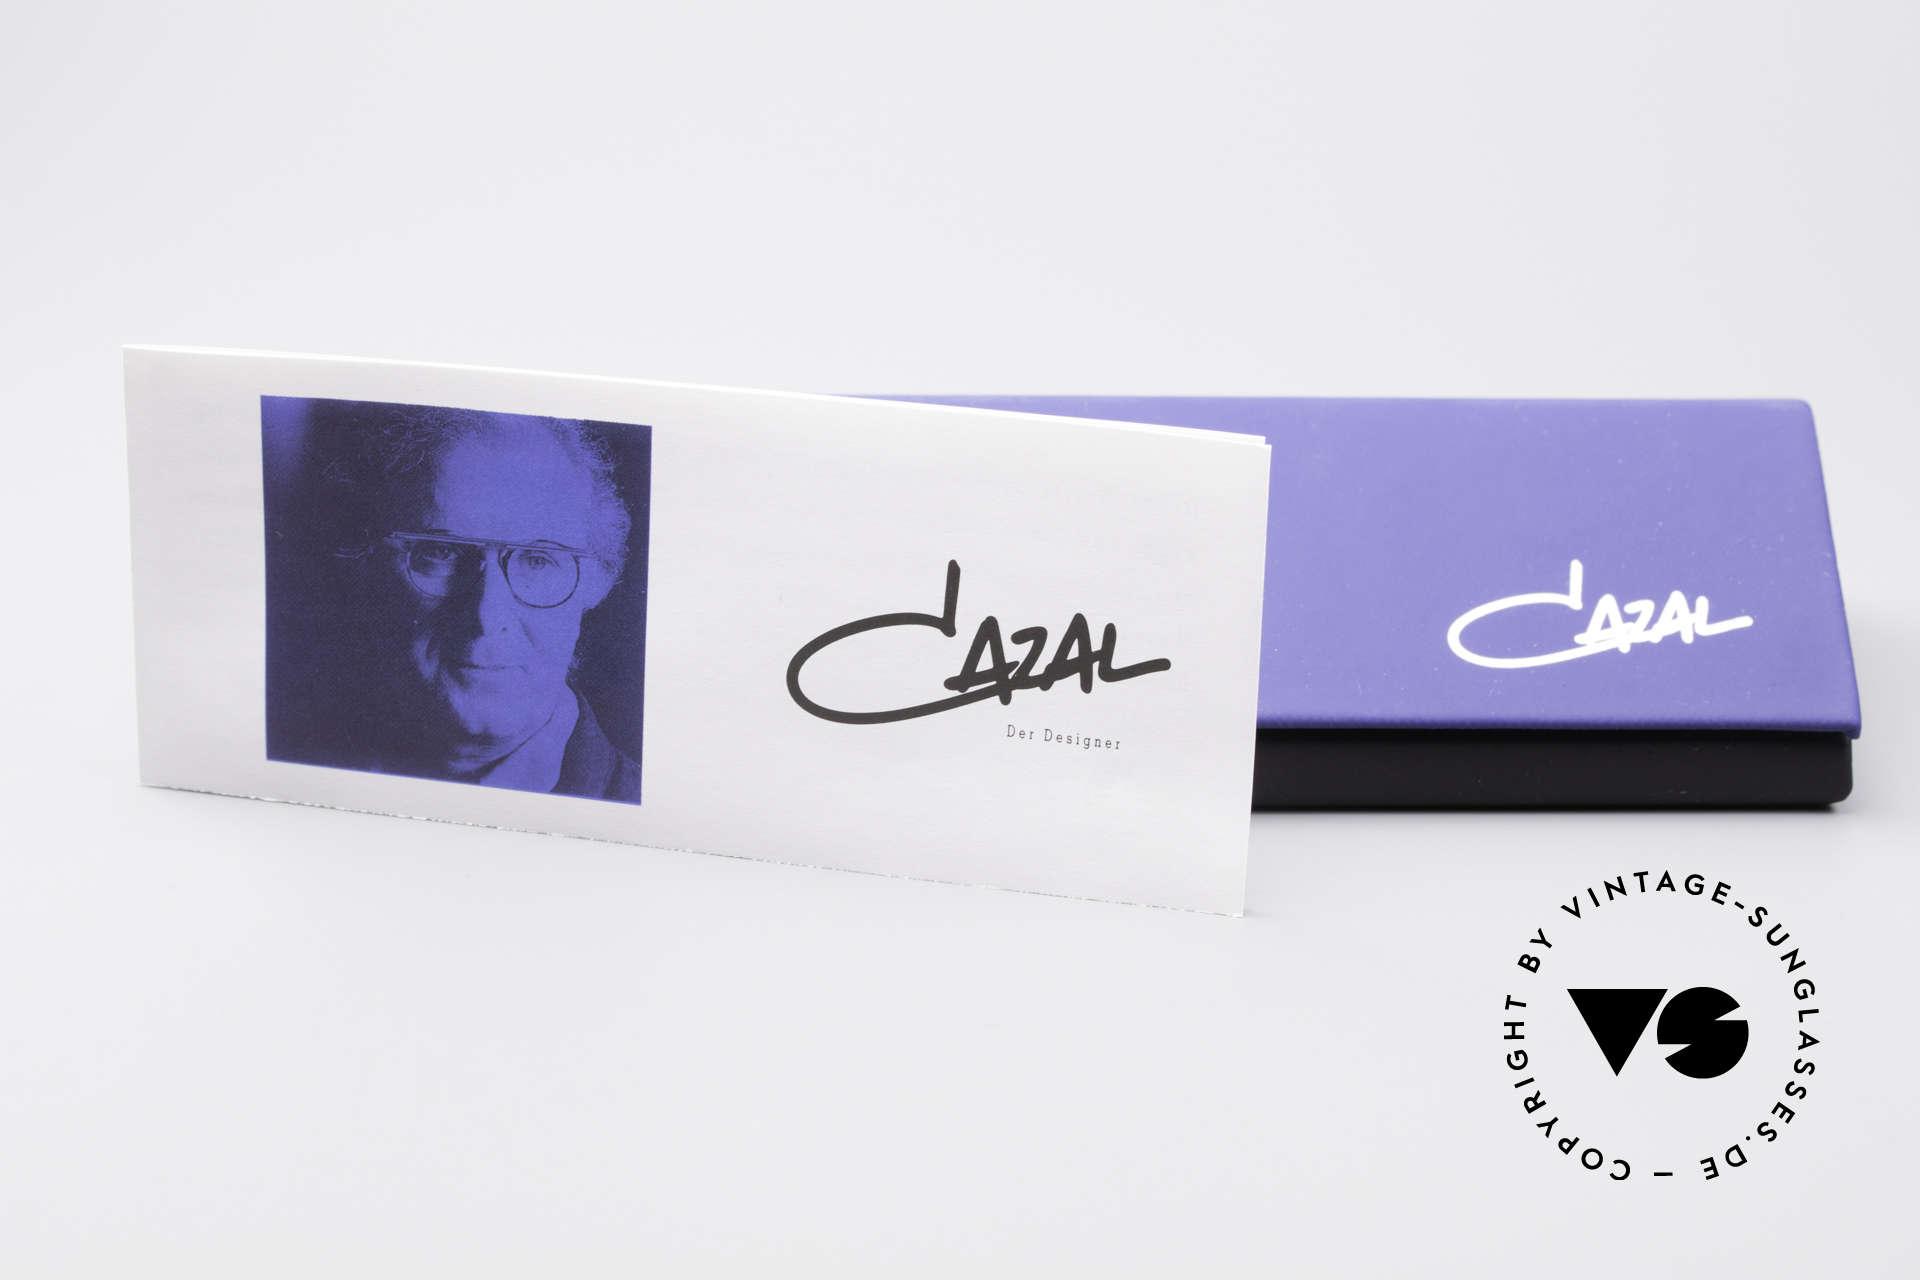 Cazal 648 Original Alte Cazal Brille 90er, medium Gr. 48-19 mit schrillen Gläsern in 3D rot, Passend für Herren und Damen